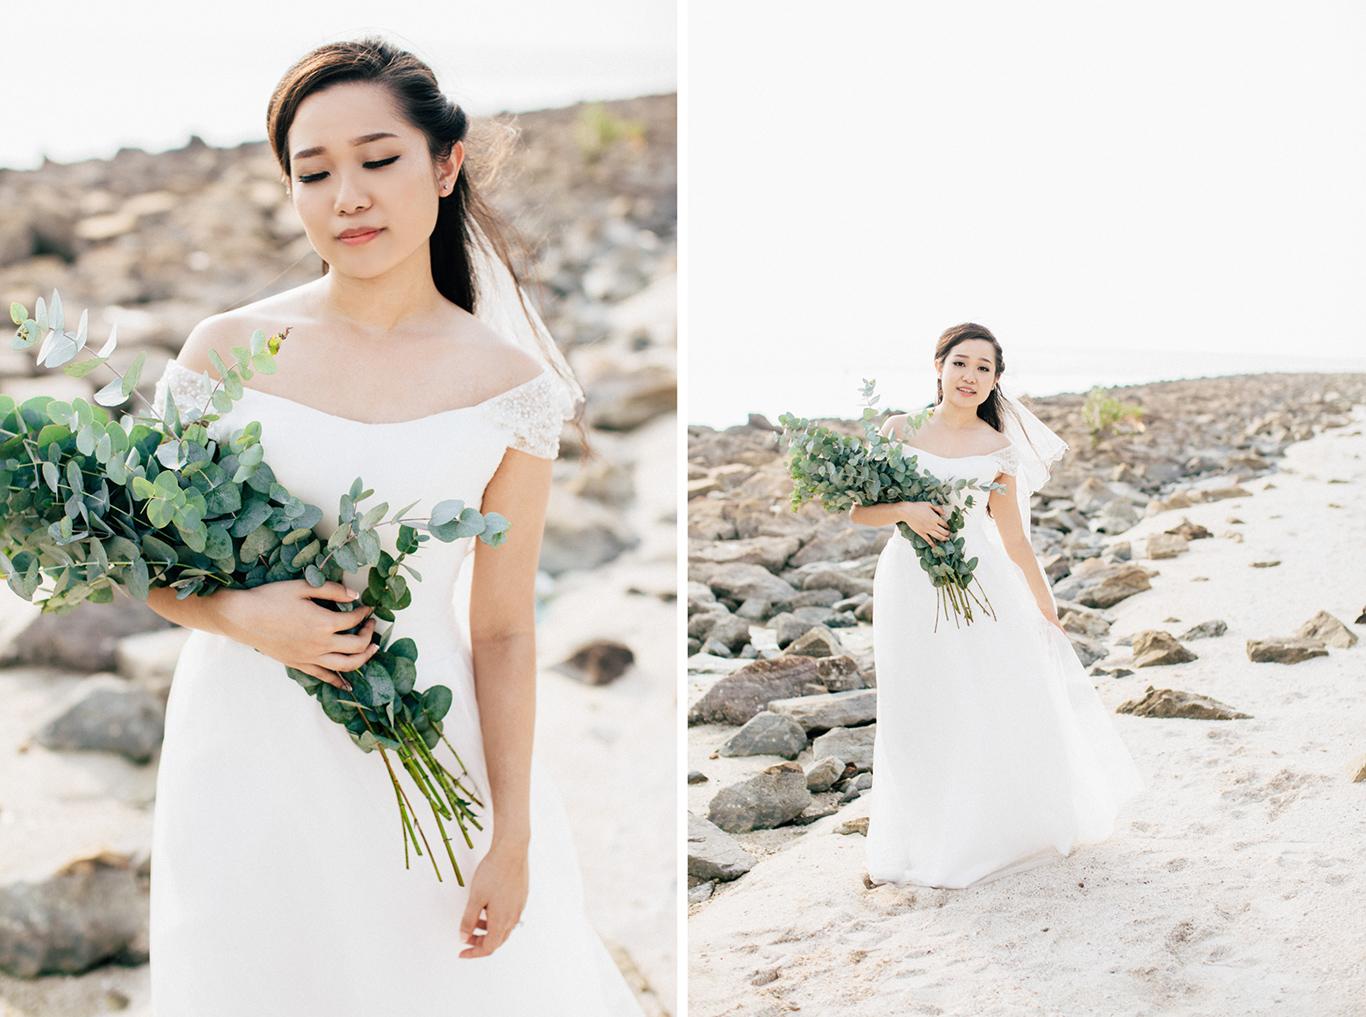 16-hellojanelee-sekinchan-prewedding-engagement-malaysia